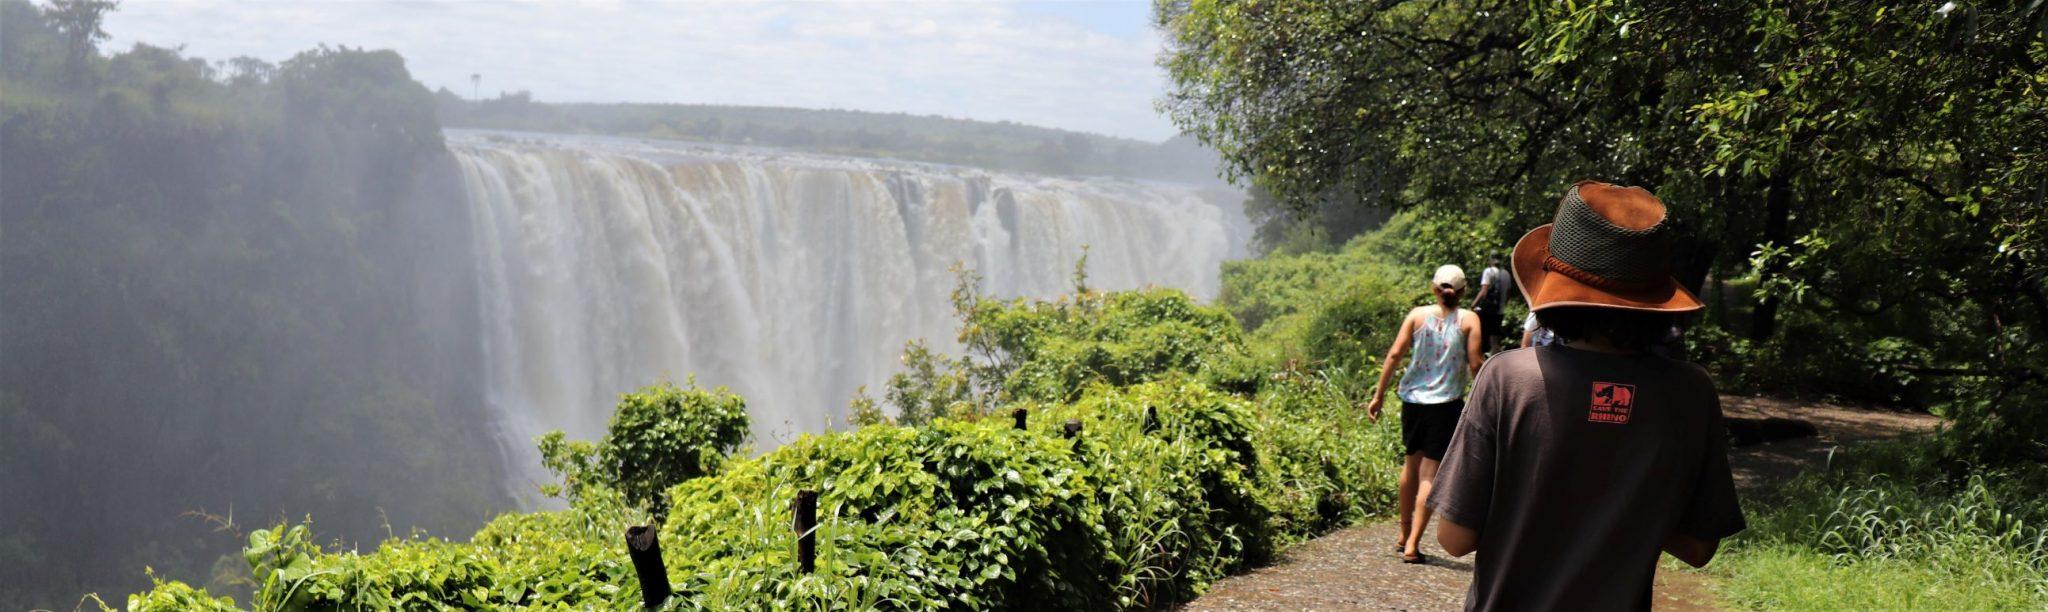 The magnificent Victoria Falls!